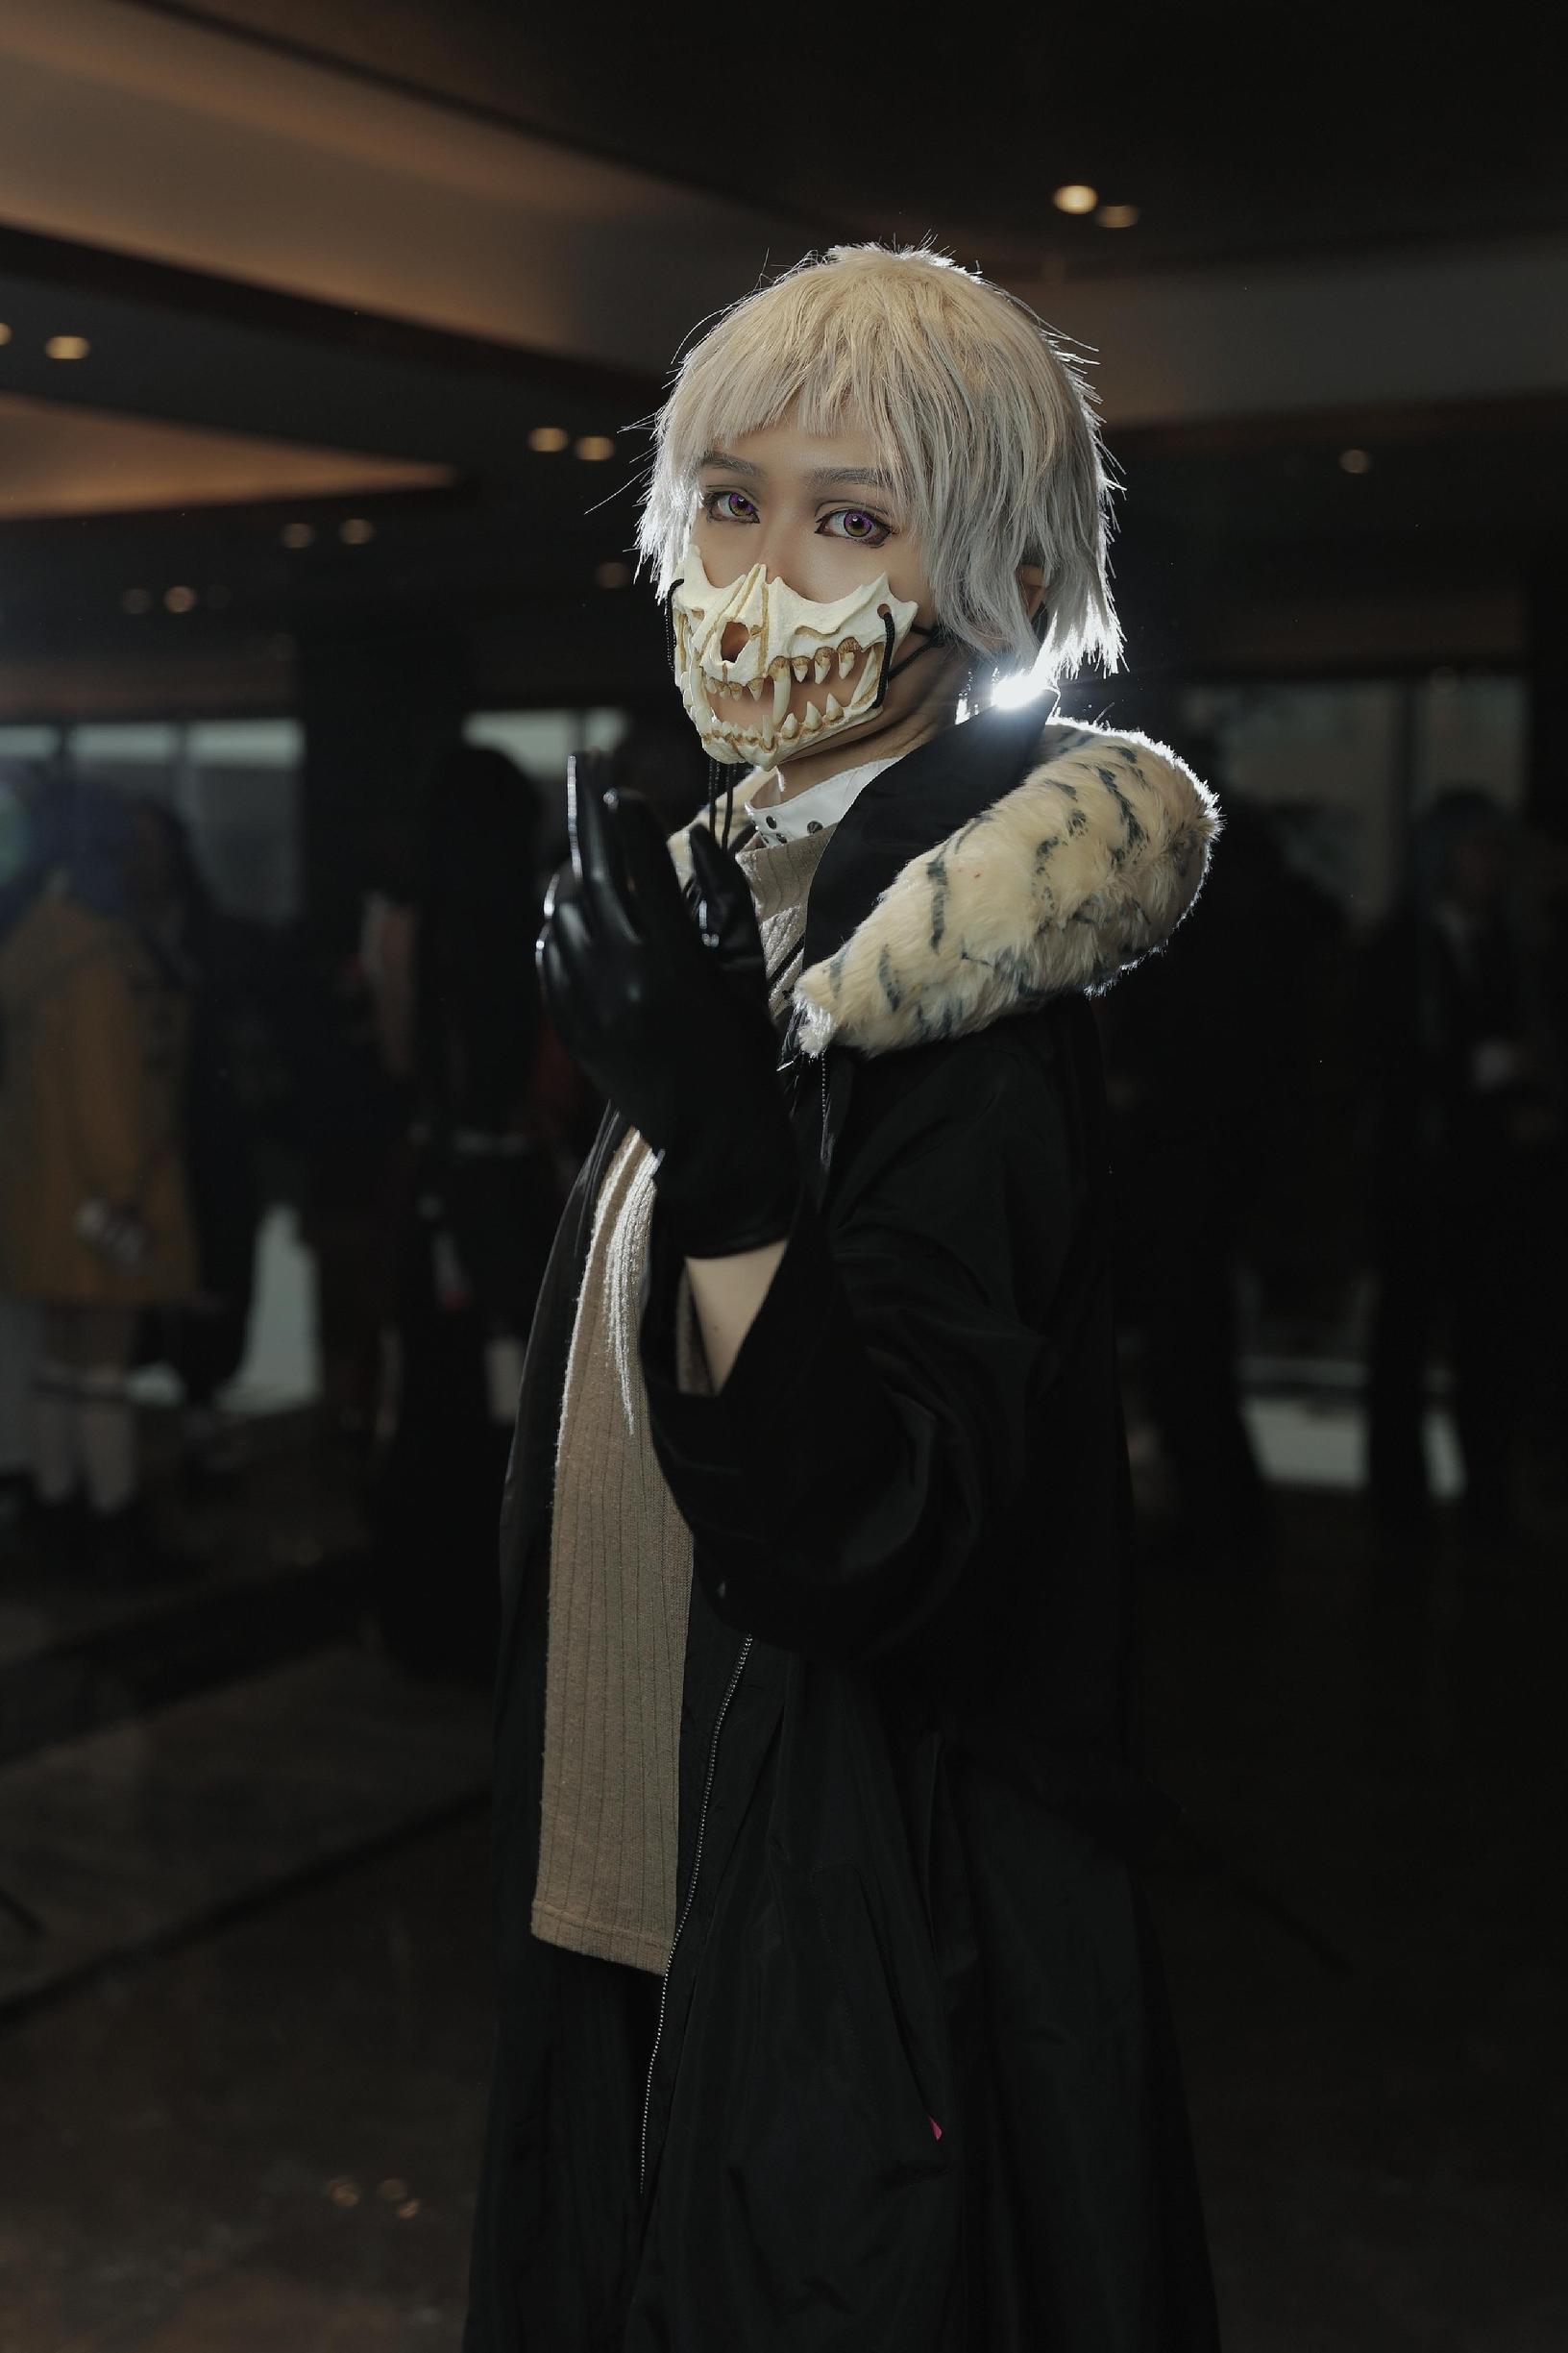 《文豪野犬》文豪野犬中岛敦cosplay【CN:奶树】-第14张